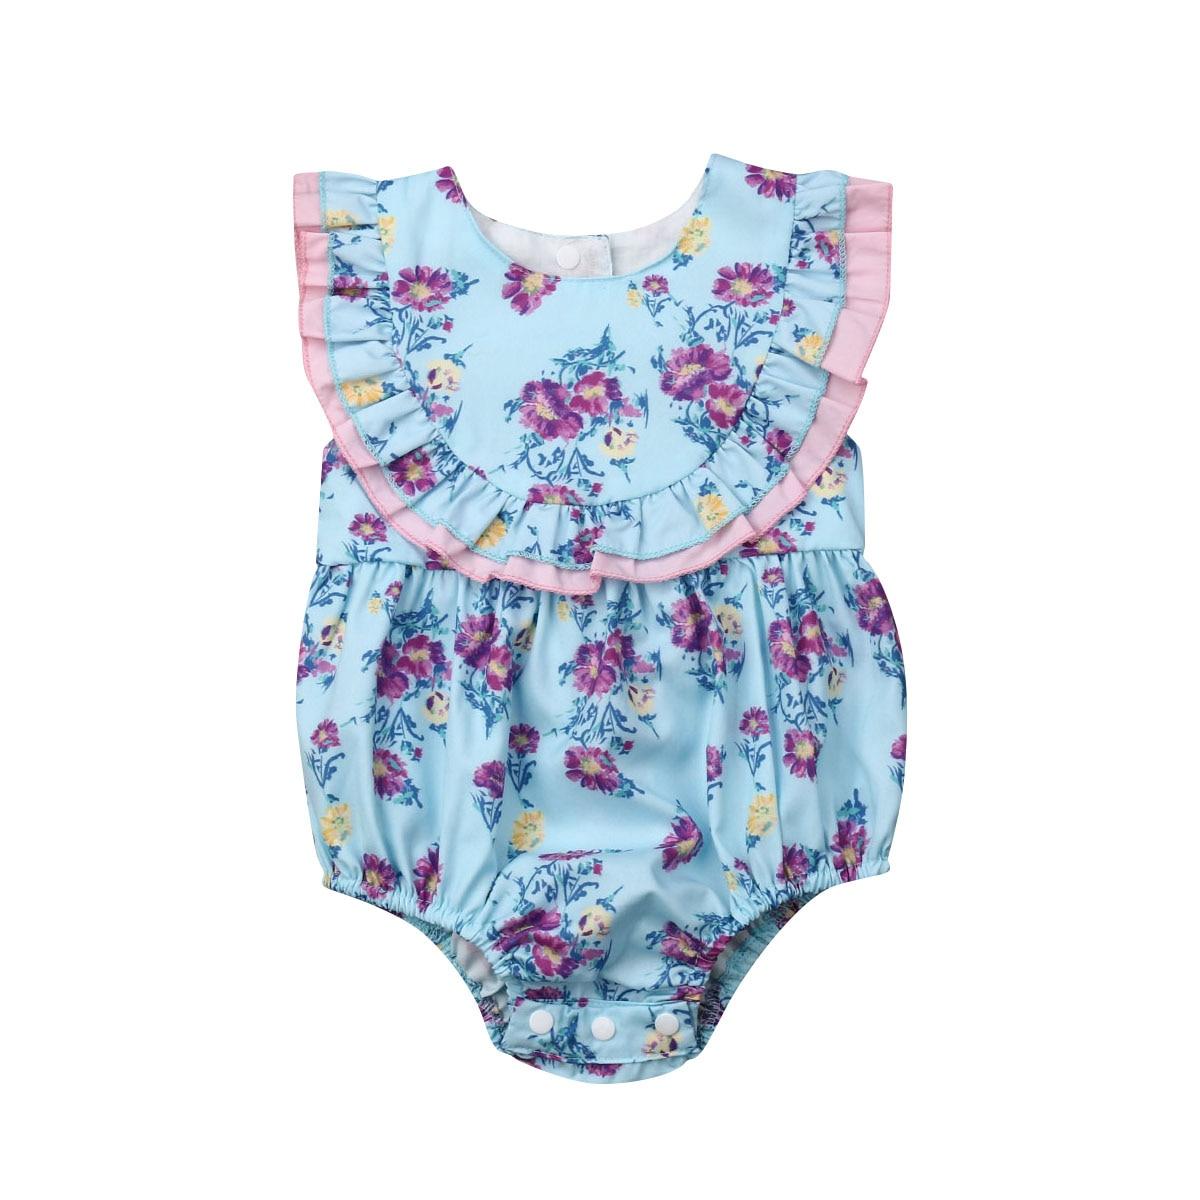 Begeistert Floral Body 2019 Sommer Neugeborenen Baby Mädchen Rüschen Ärmel Ein Stück Prinzessin Mädchen Overall Sunsuit Kleidung 0-24 M Geeignet FüR MäNner, Frauen Und Kinder